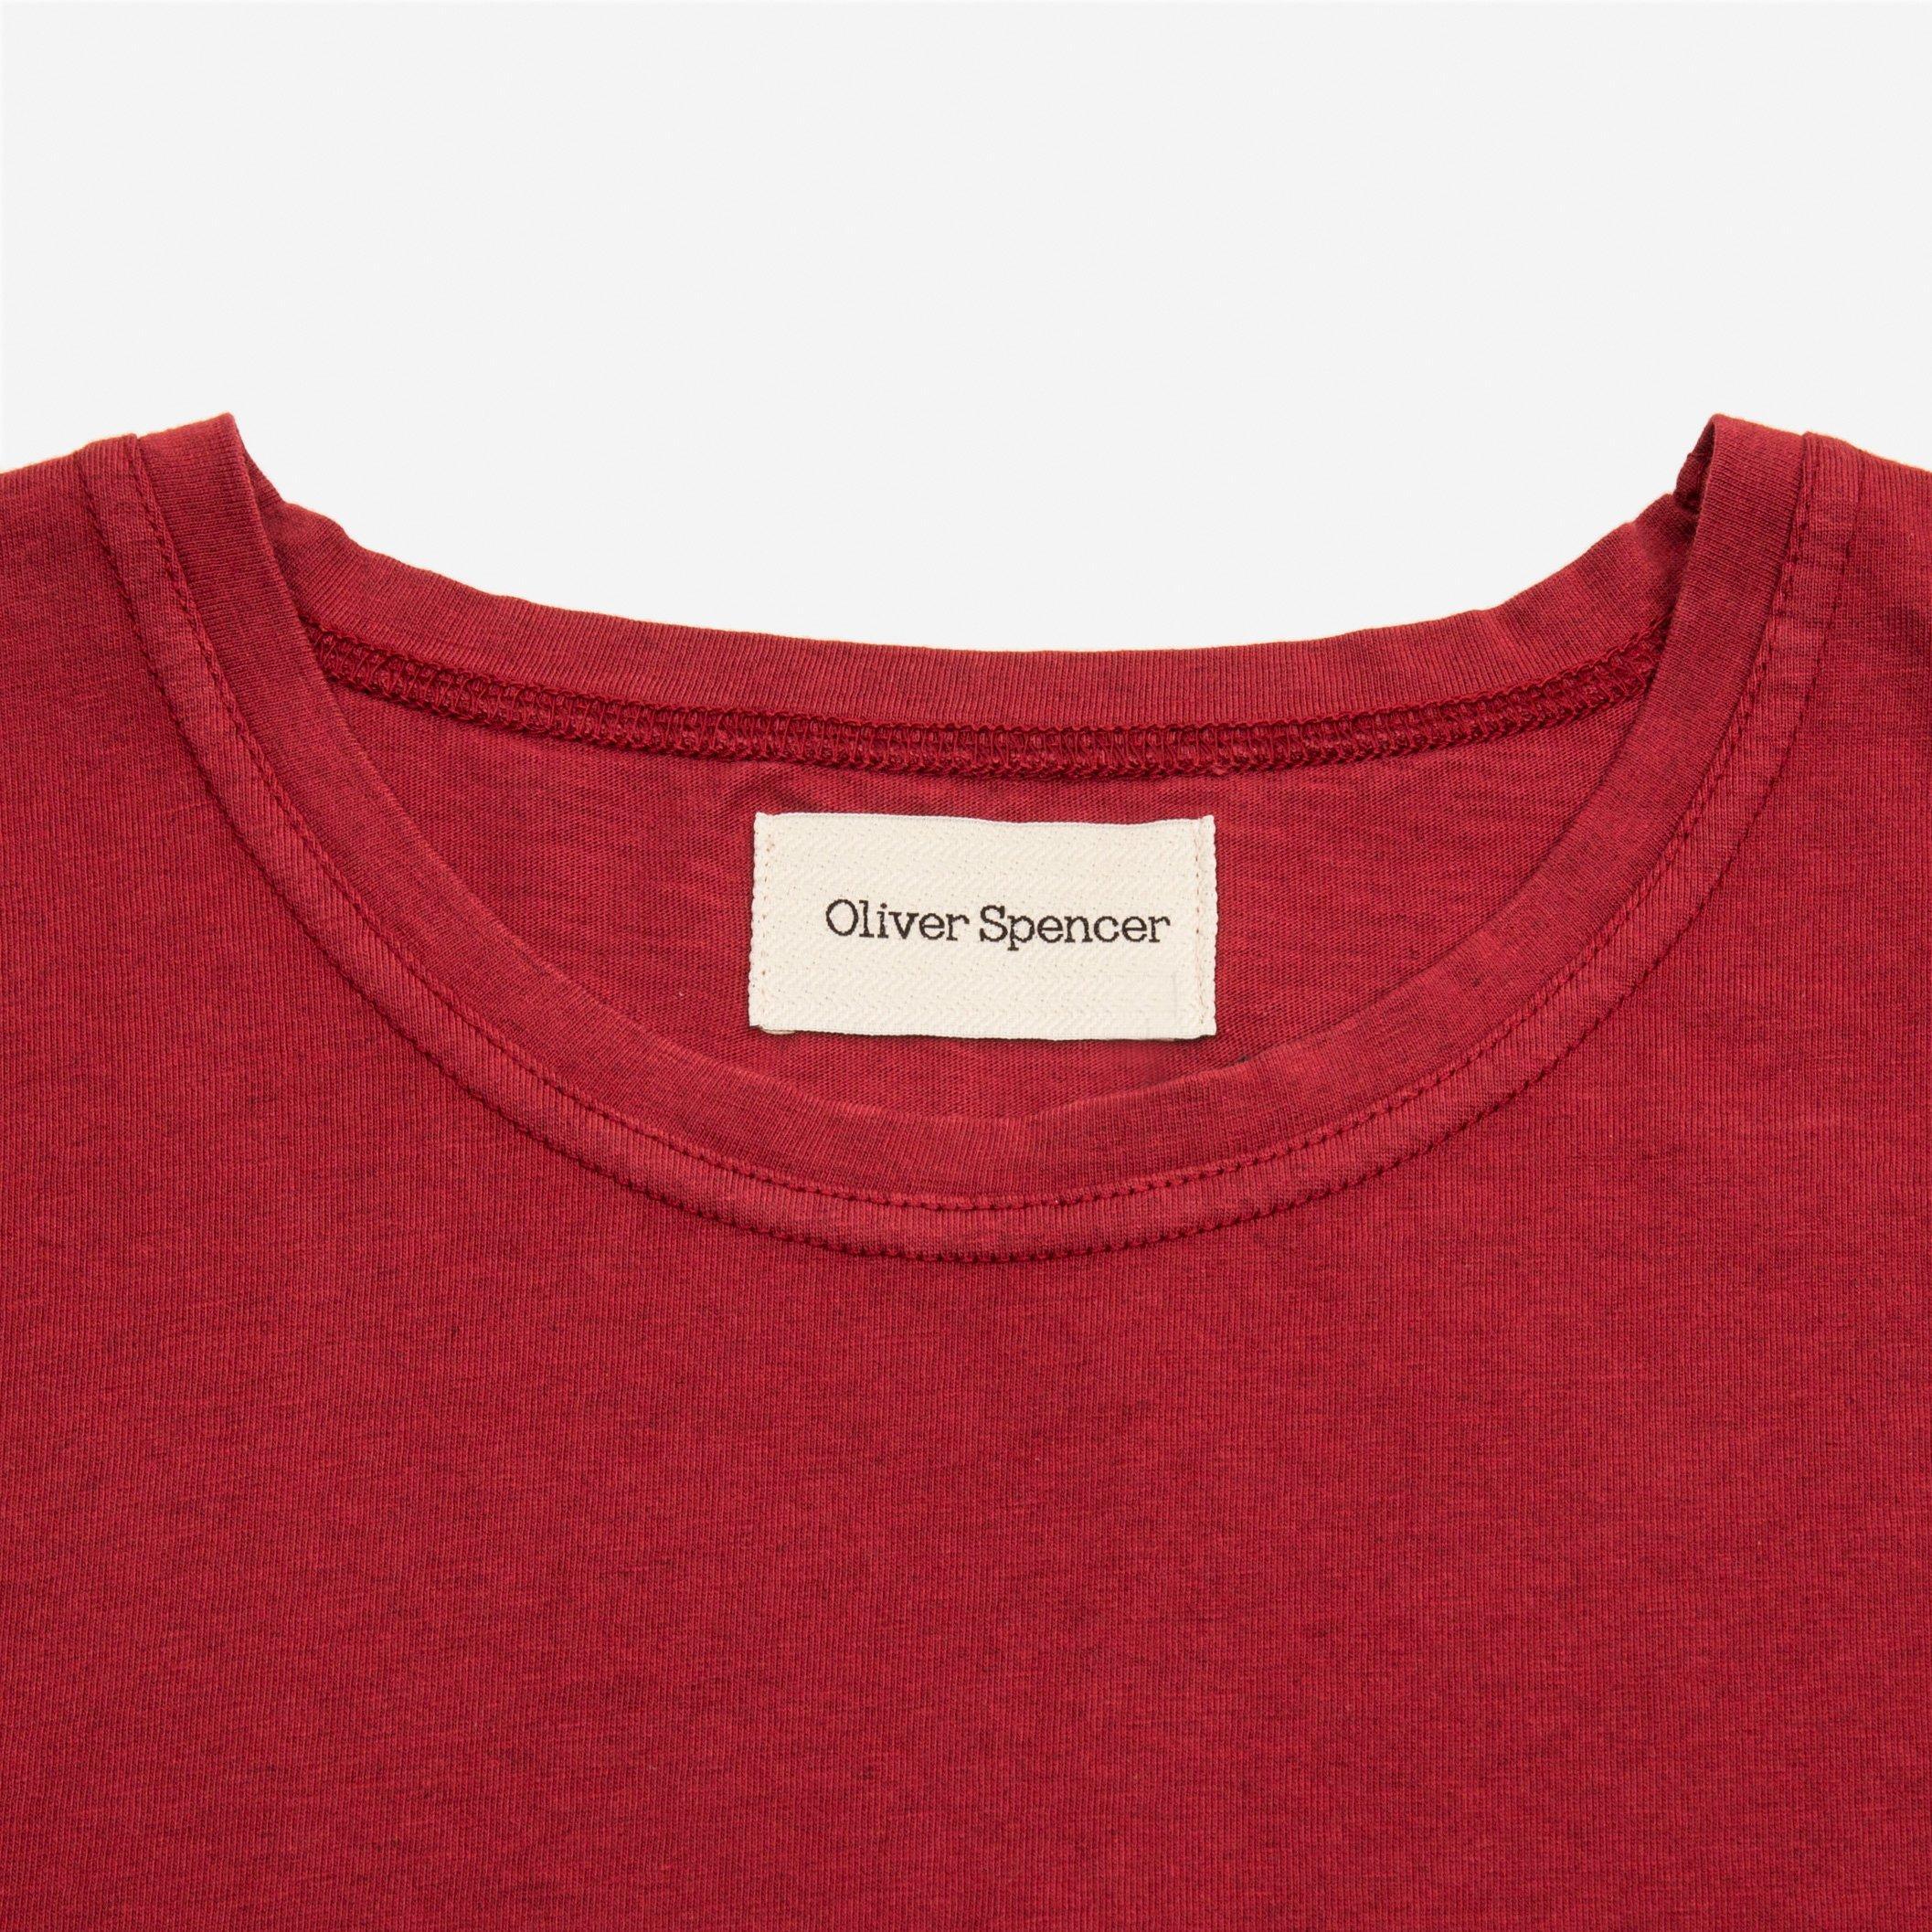 Oliver Spencer Envelope Tee Red